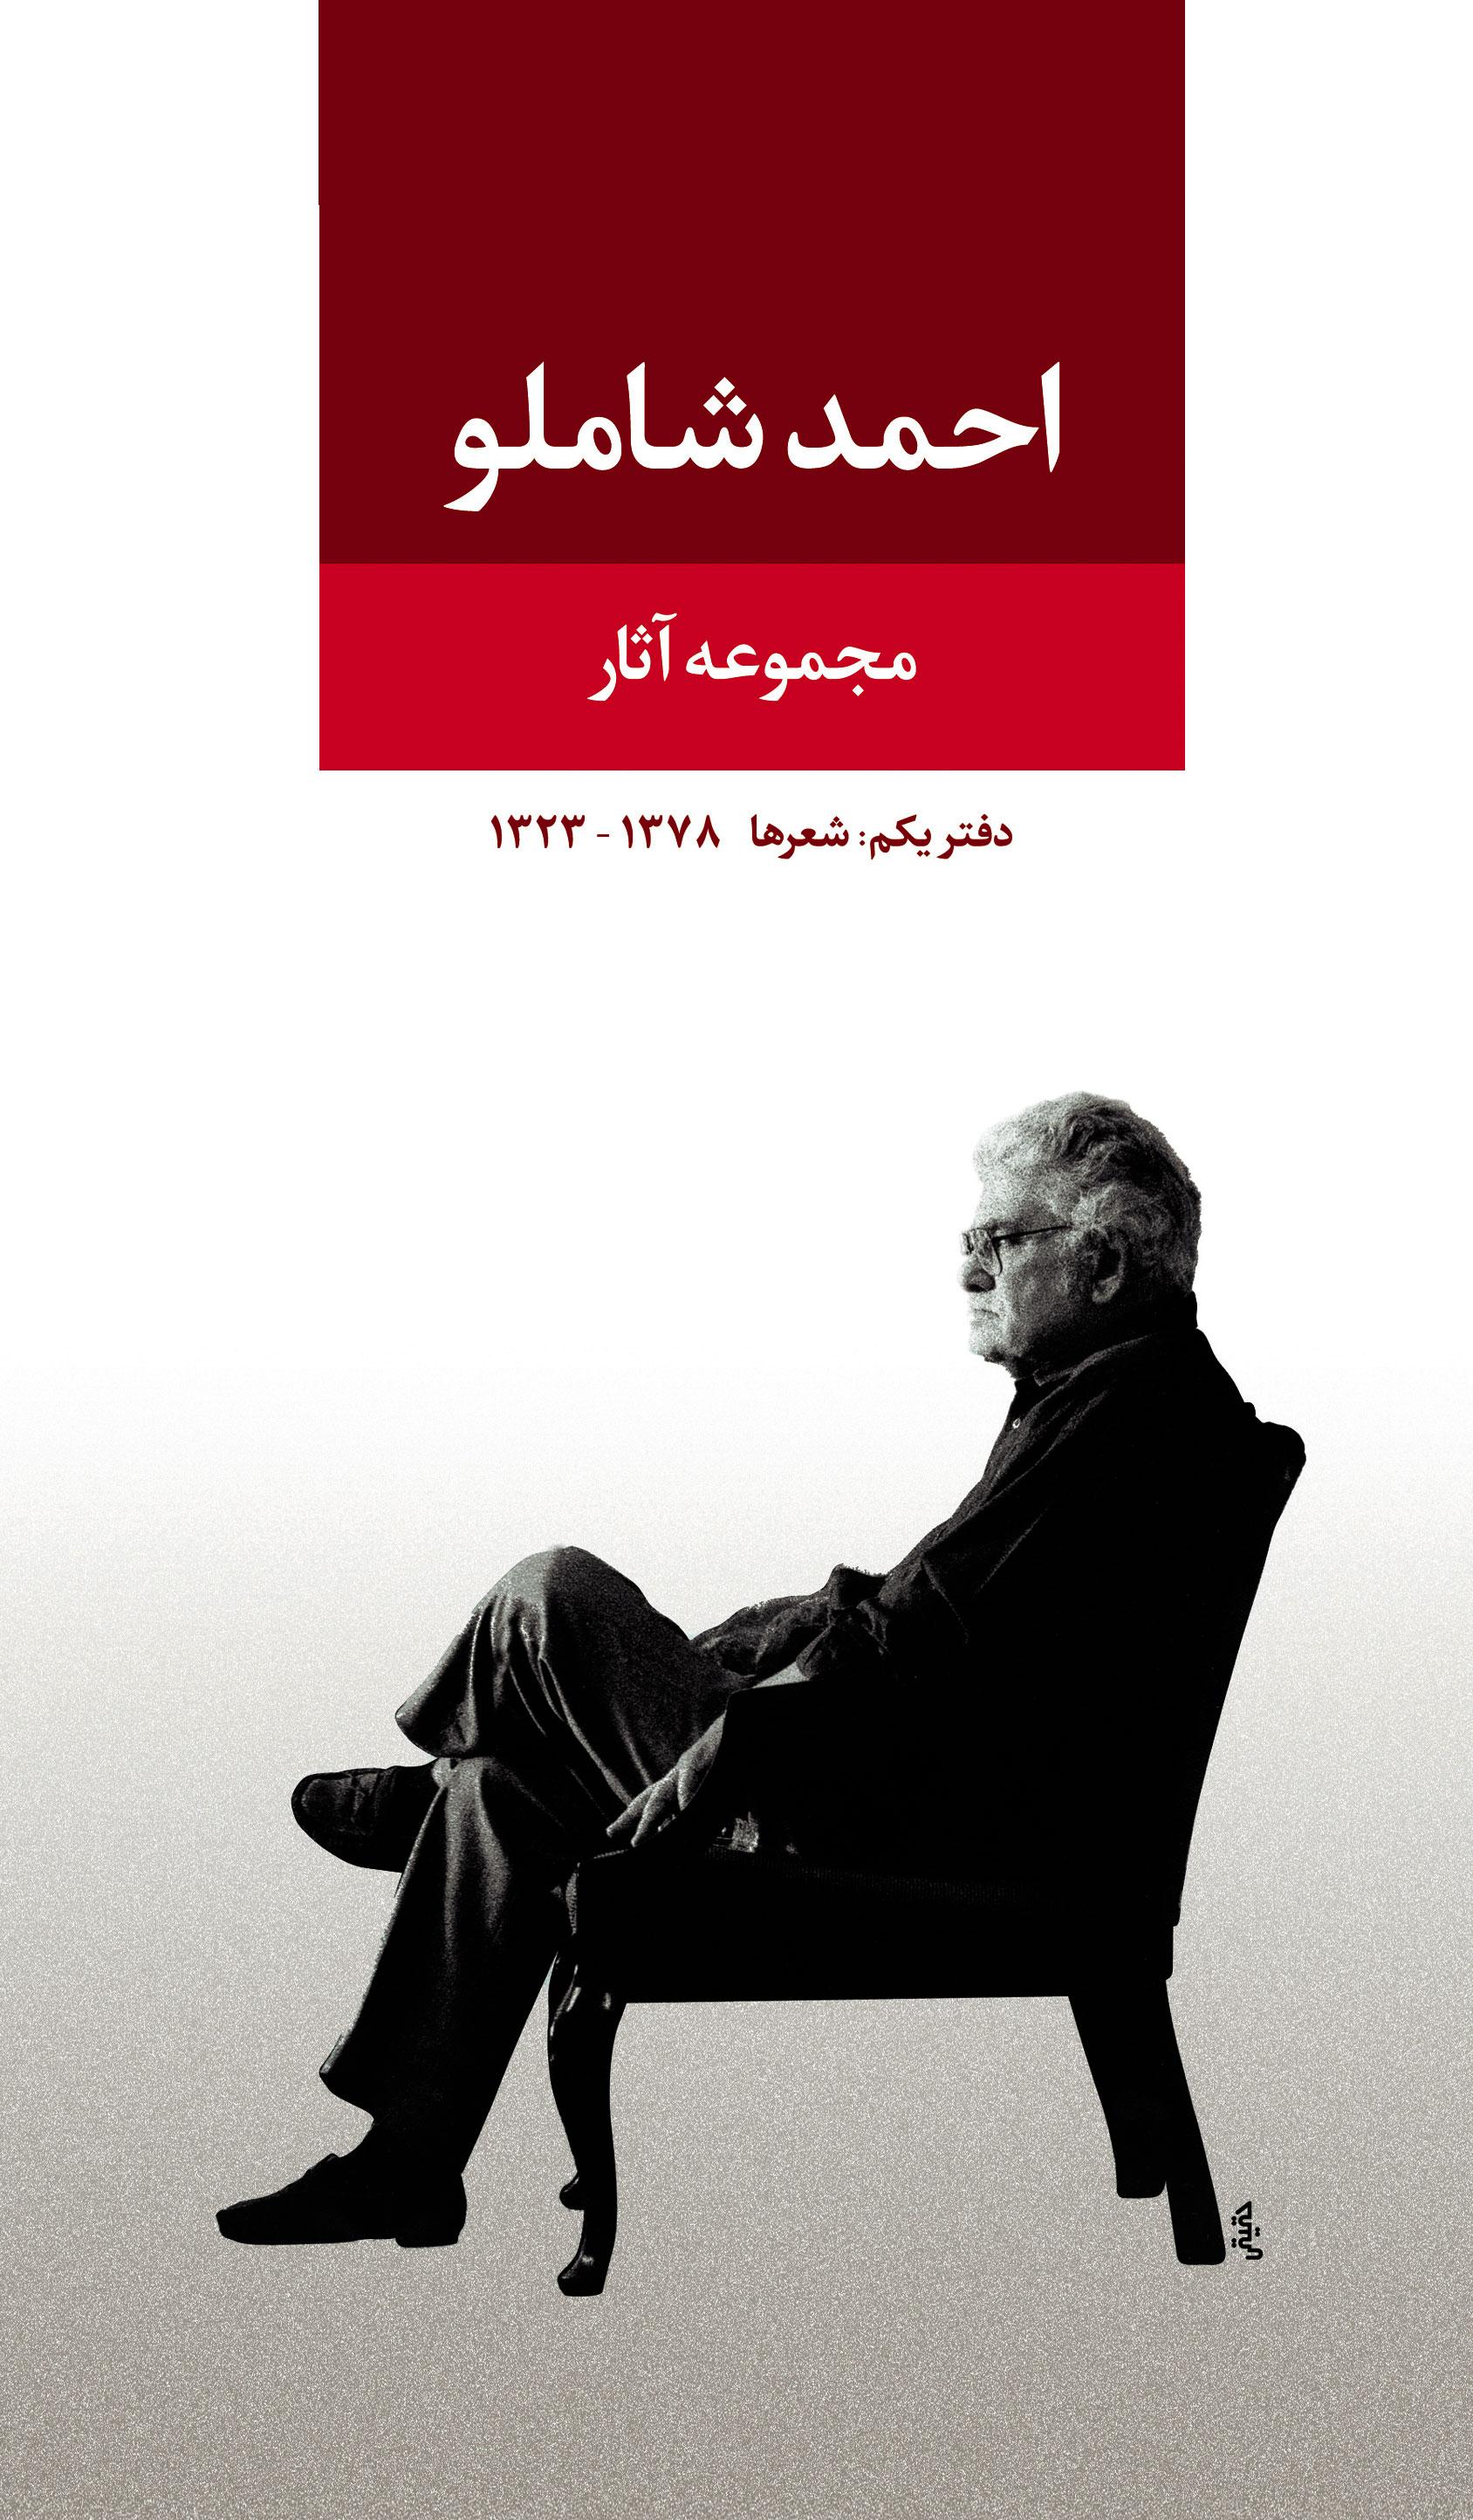 کتاب مجموعه آثار احمد شاملو (دفتر یکم)